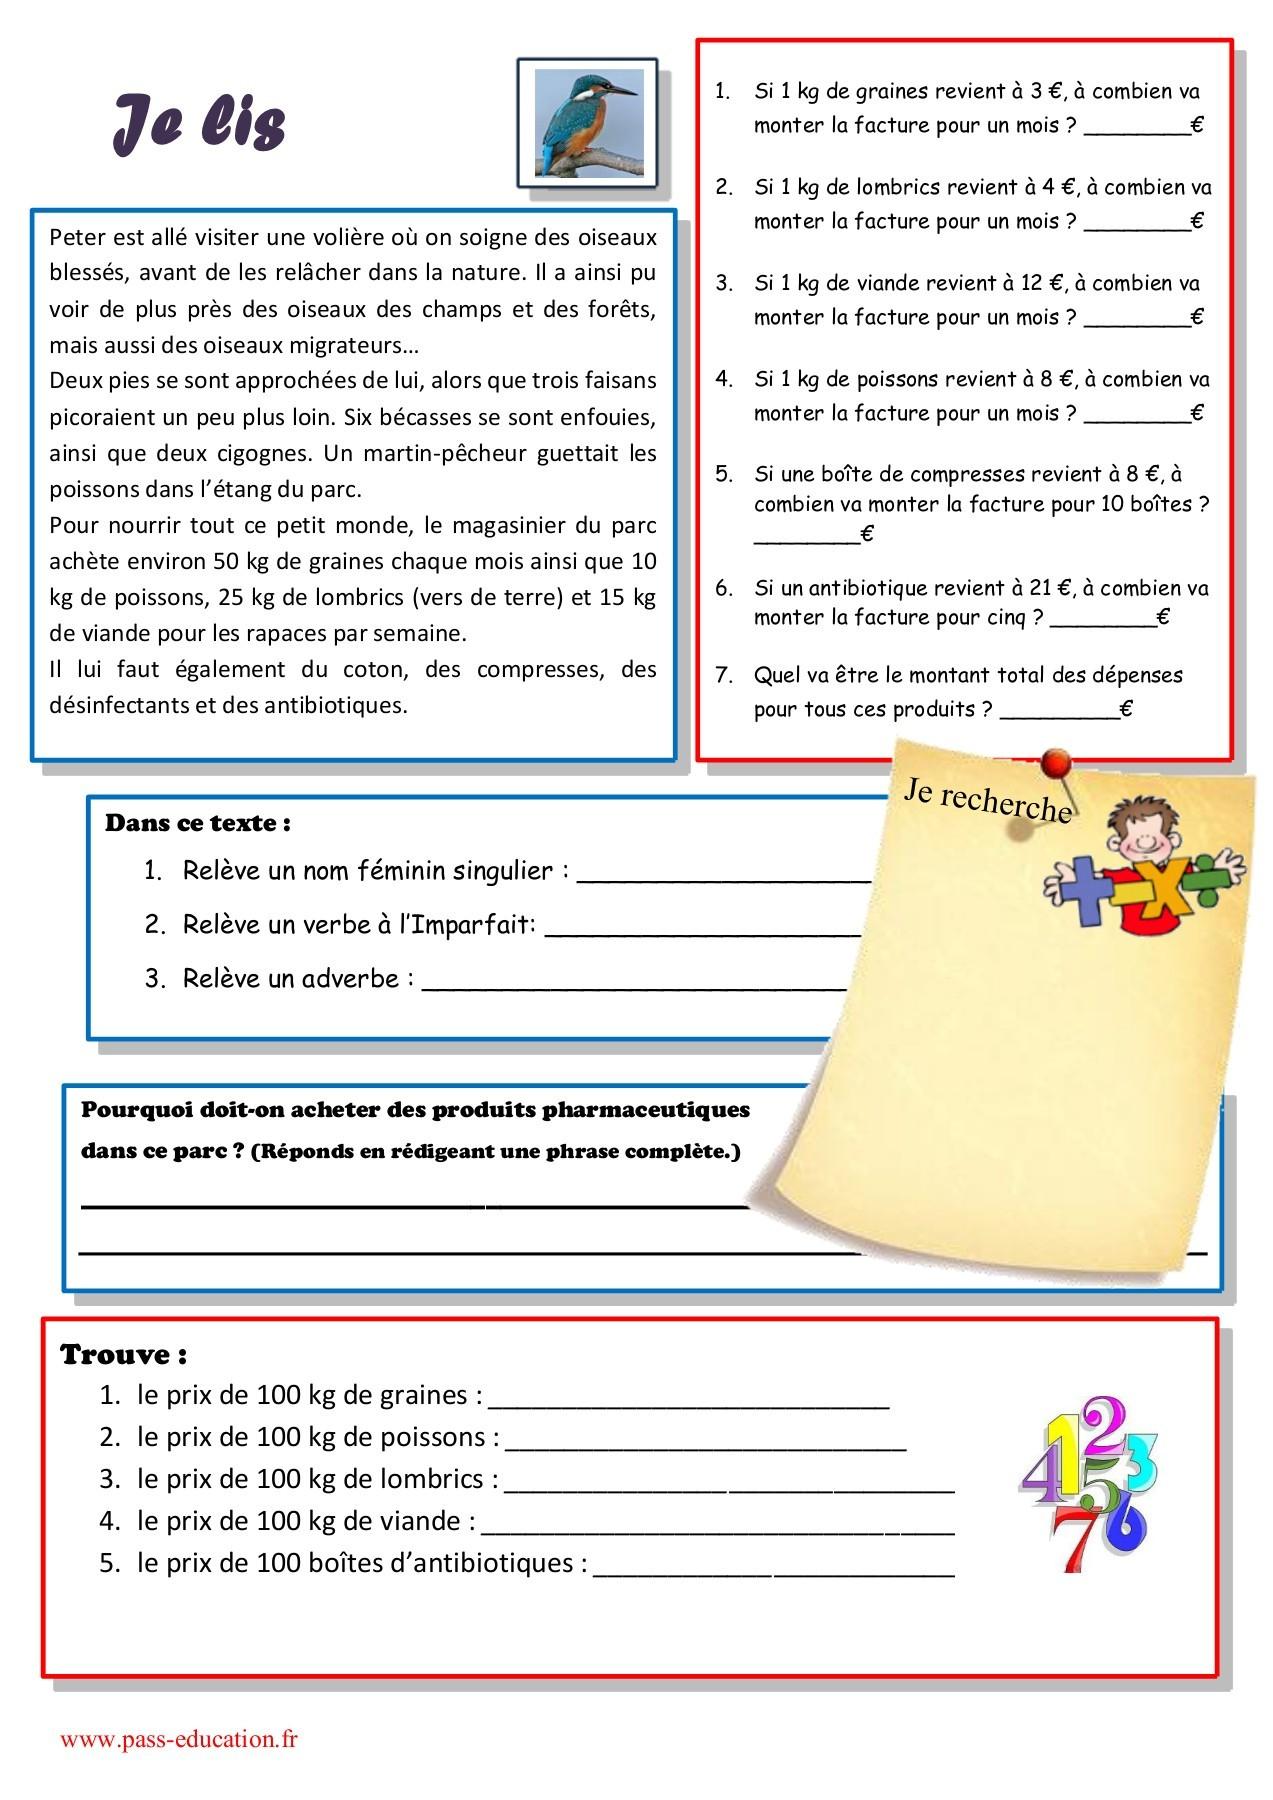 Cahier De Vacances Gratuit À Imprimer - Cm2 Vers La 6Ème encequiconcerne Cahier De Vacances Gratuit A Imprimer